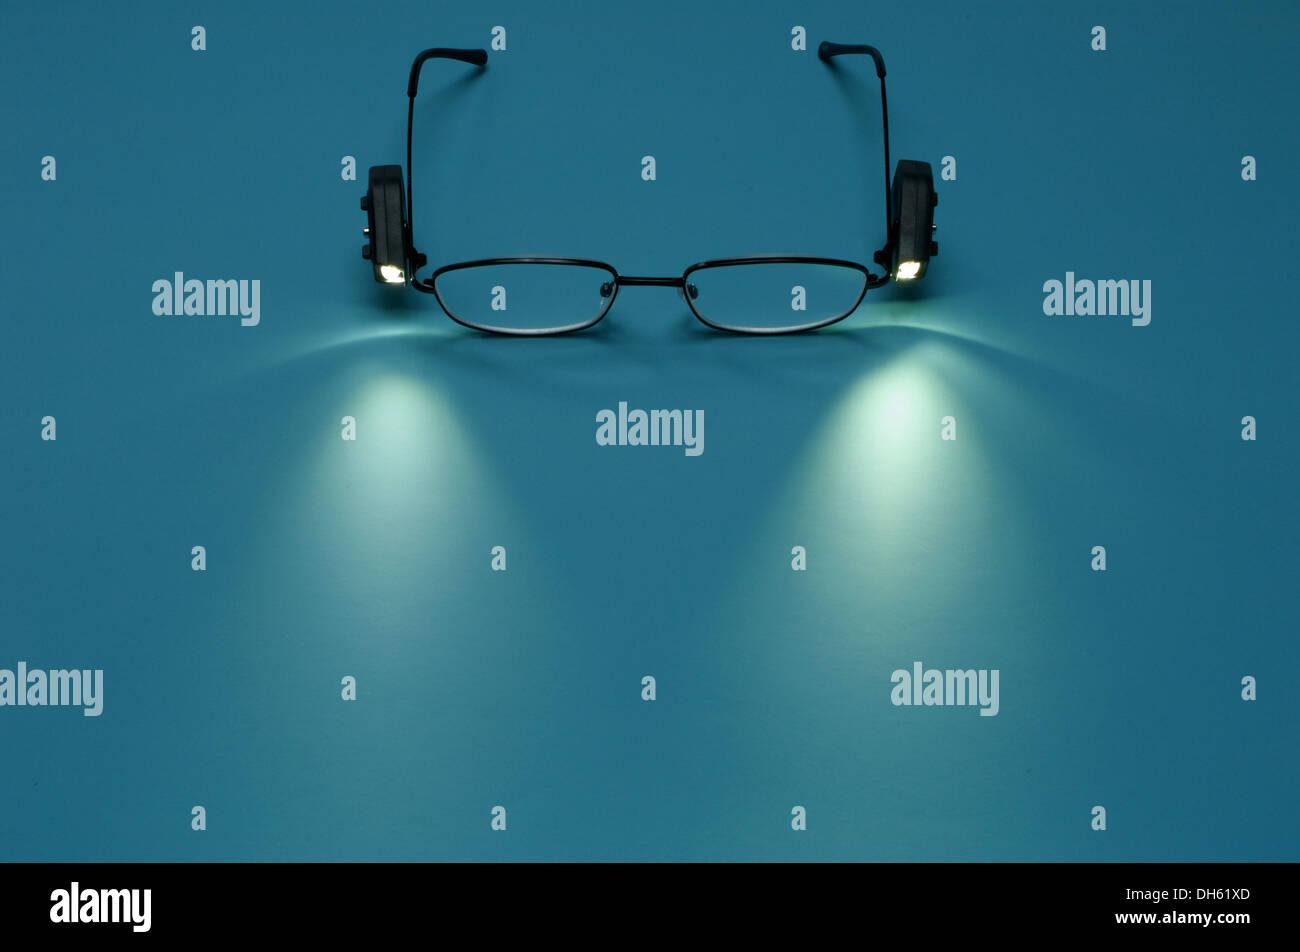 Ein paar der Lesebrille mit kleinen angeschlossenen Leuchten Stockbild